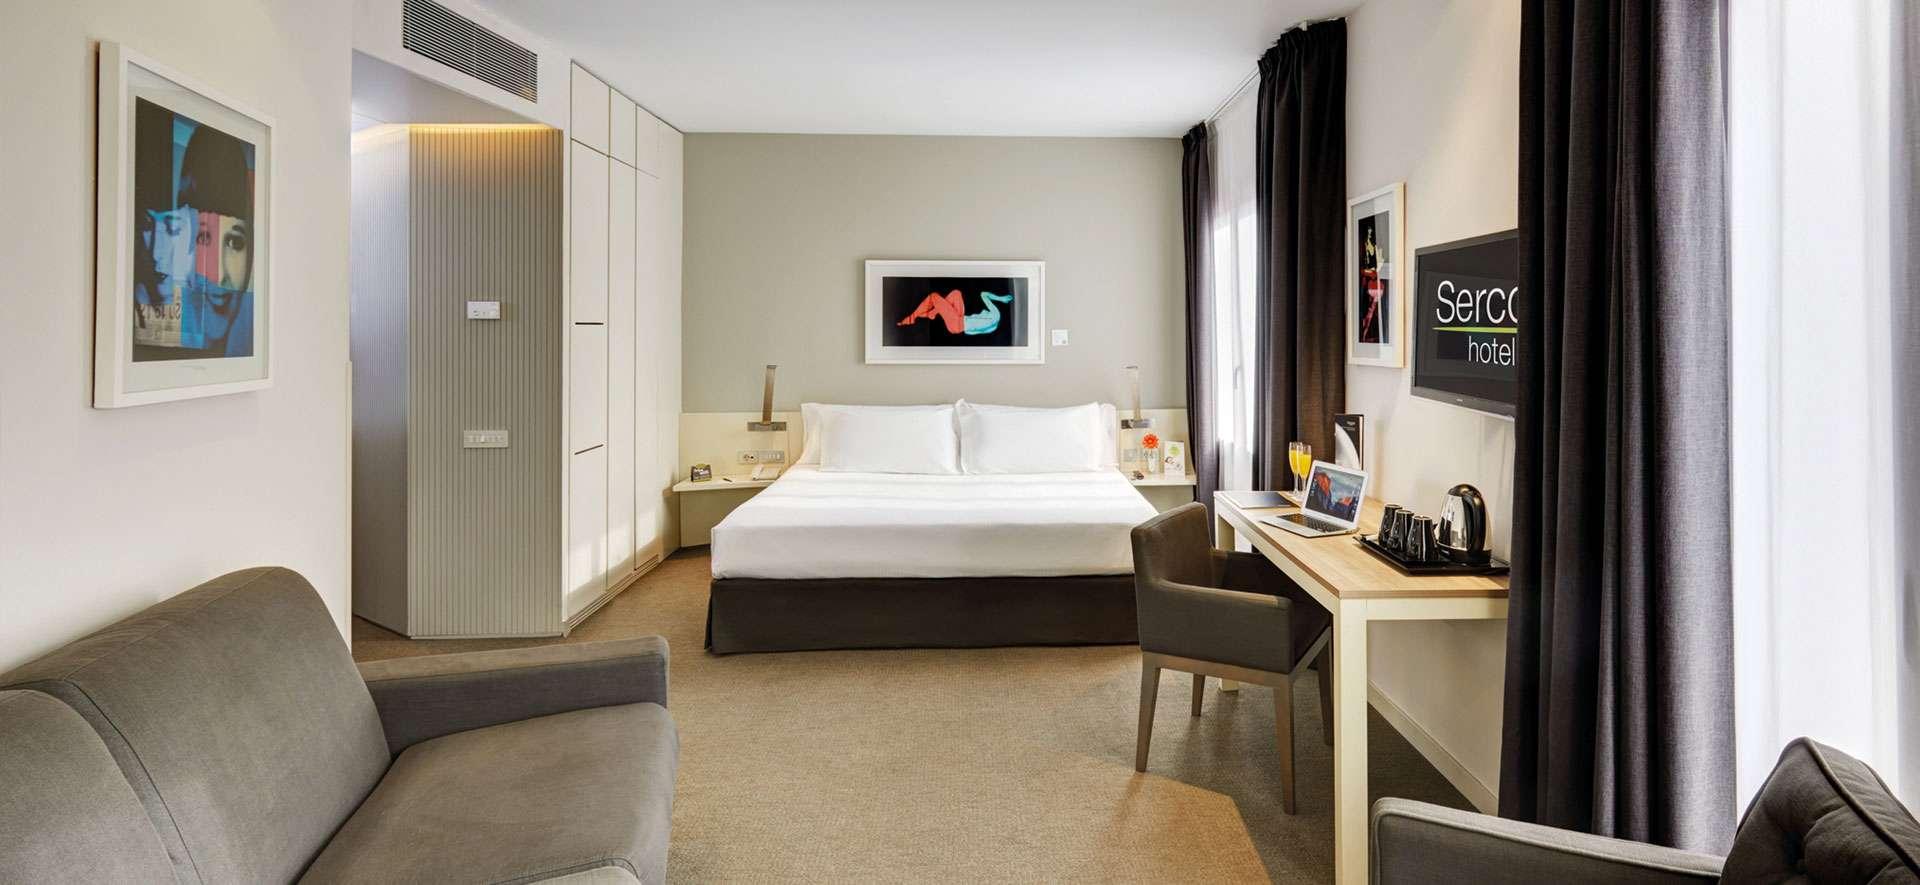 Hoteles urbanos que destacan por su óptima ubicación y la calidad de sus servicios e instalaciones